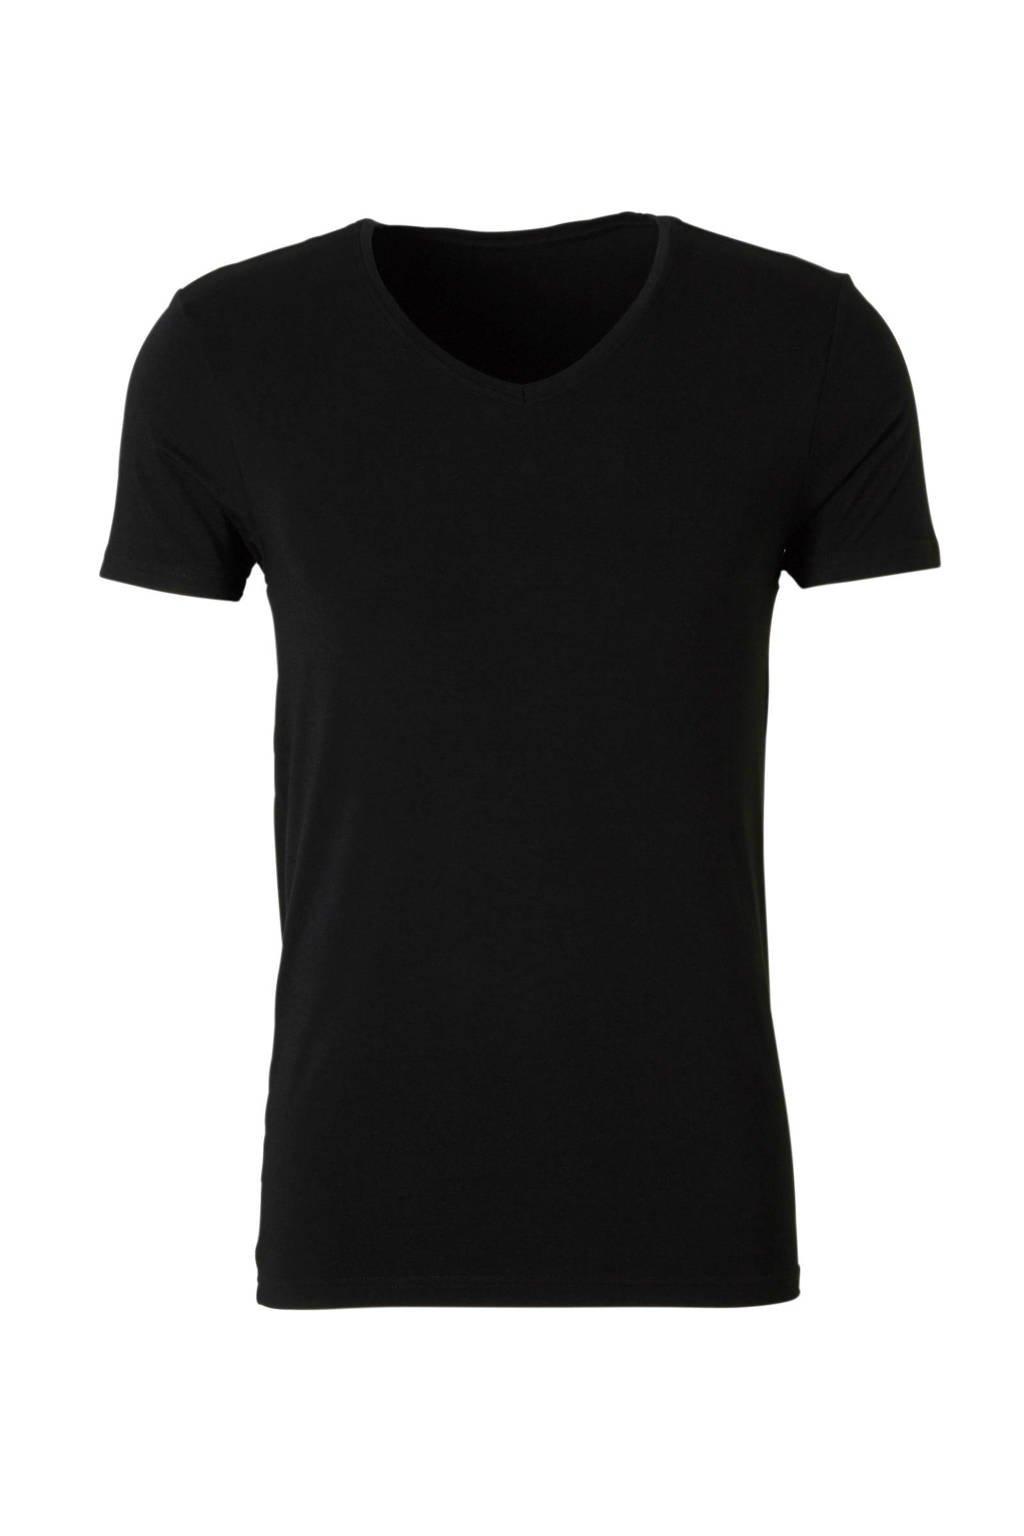 ten Cate bamboe T-shirt zwart, Zwart